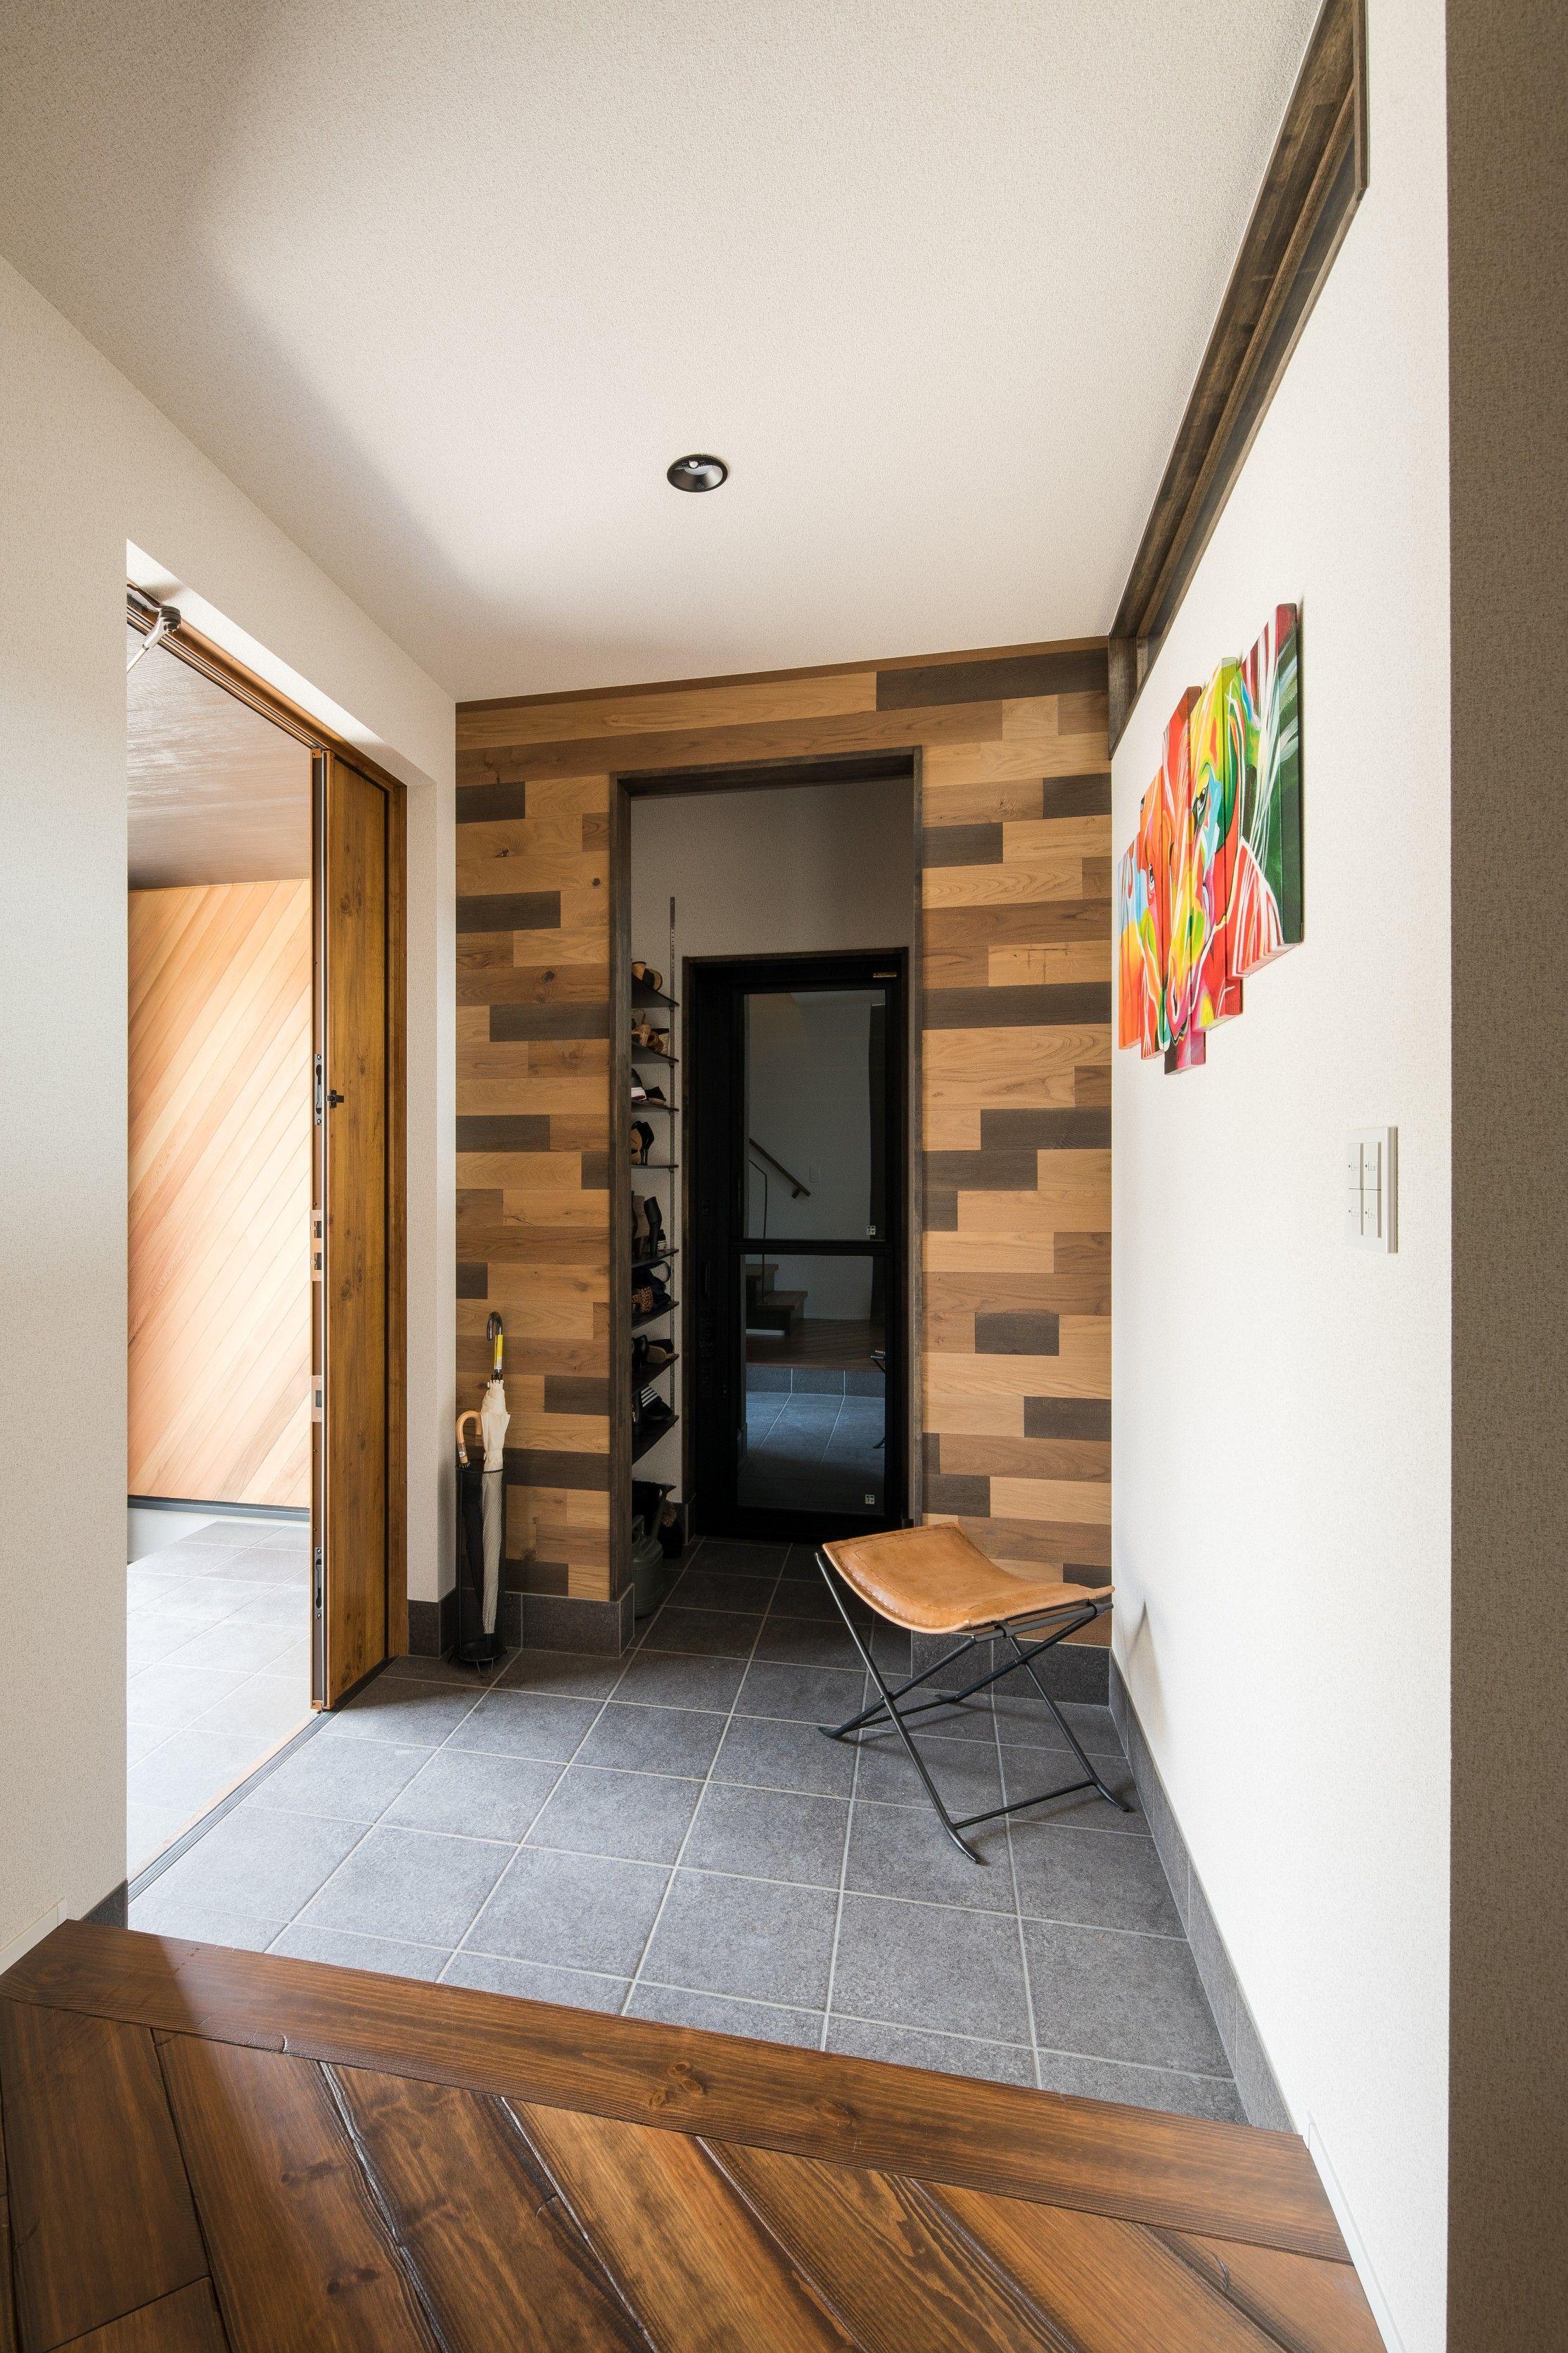 木の組み合わせが遊び心溢れる玄関 ルポハウス 設計事務所 工務店